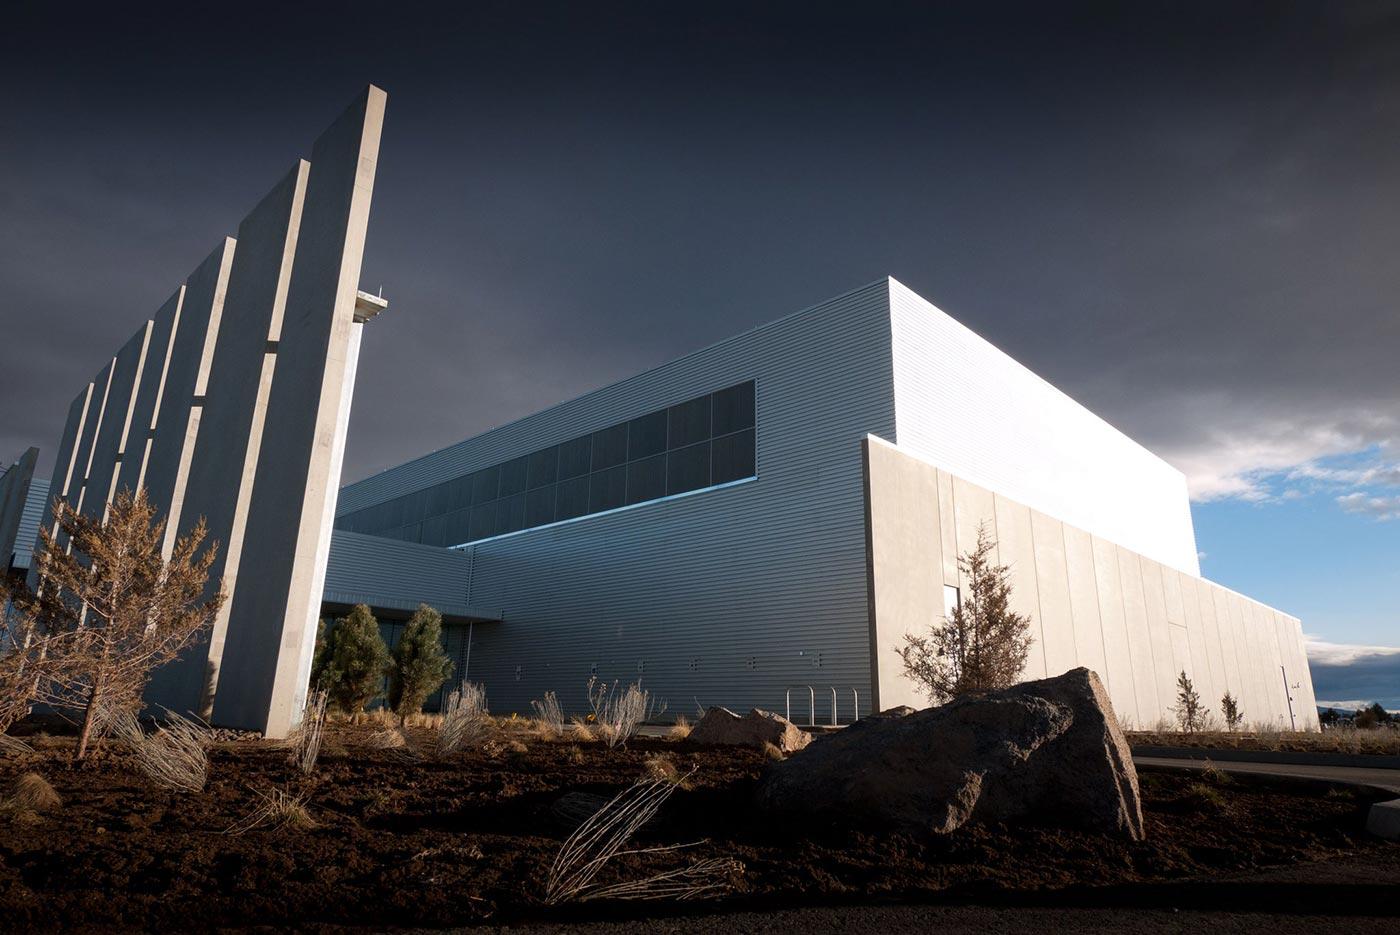 Il nuovo datacenter di Facebook in Prineville, Oregon rispetta la regola per cui tutti i datacenter devono fare paura da matti